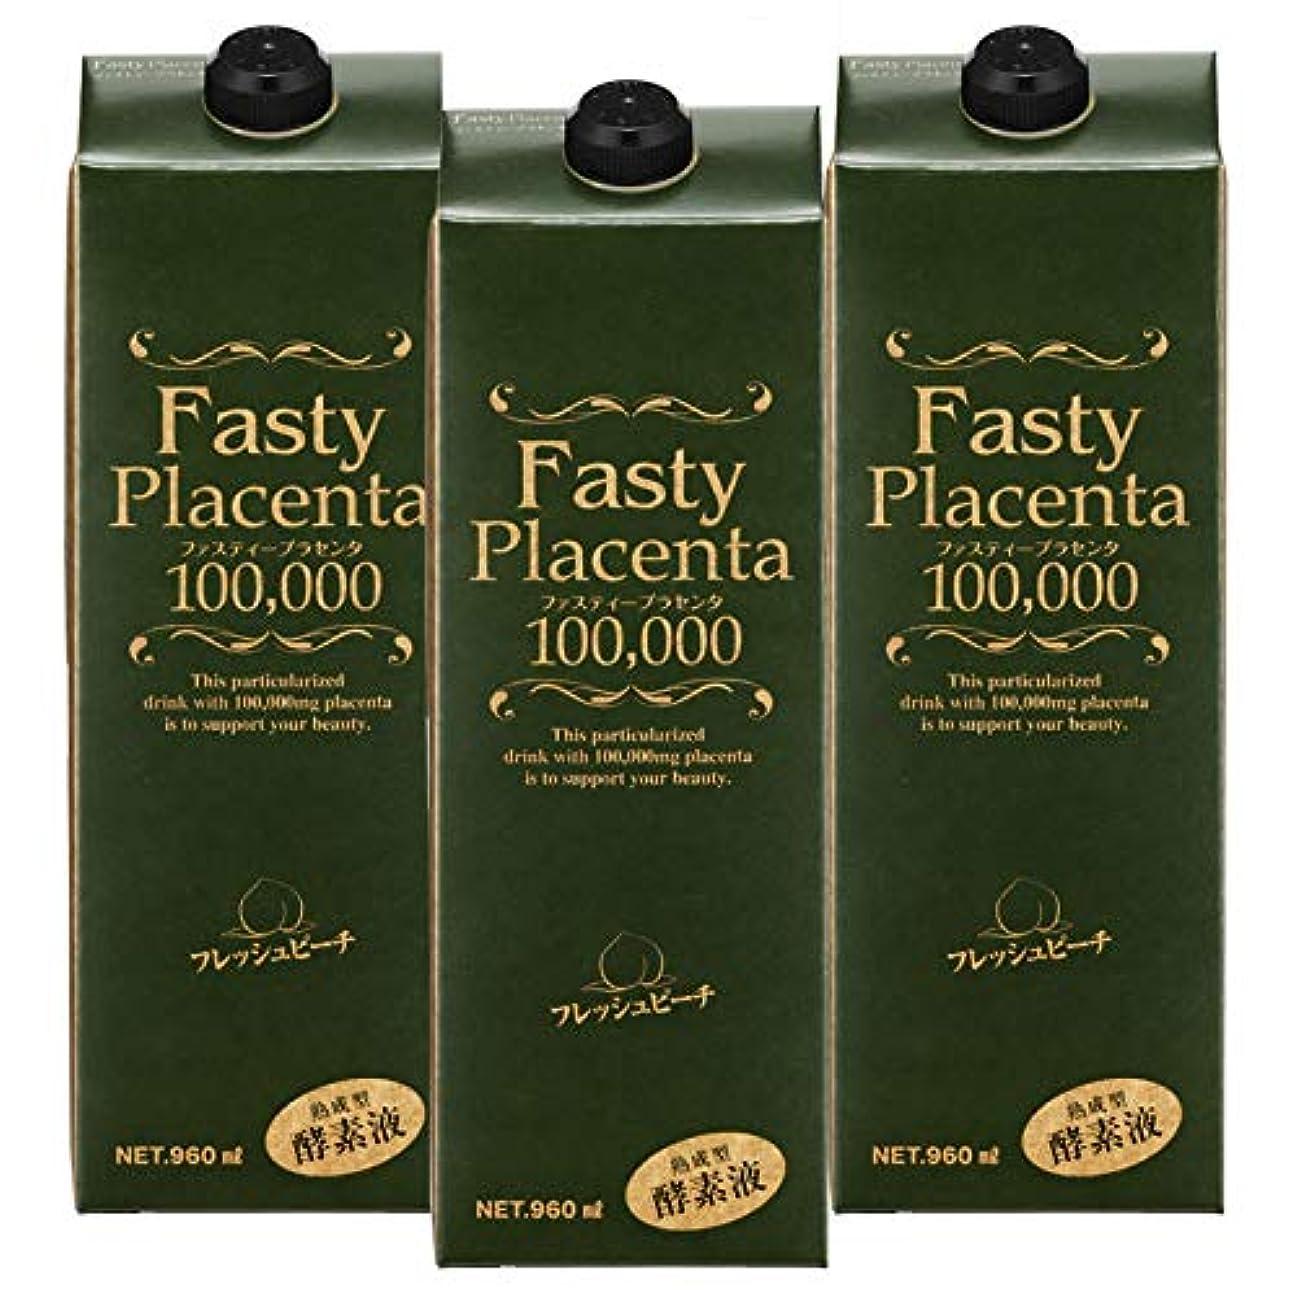 メイト断線代わりにファスティープラセンタ100,000 増量パック(フレッシュピーチ味) 3本